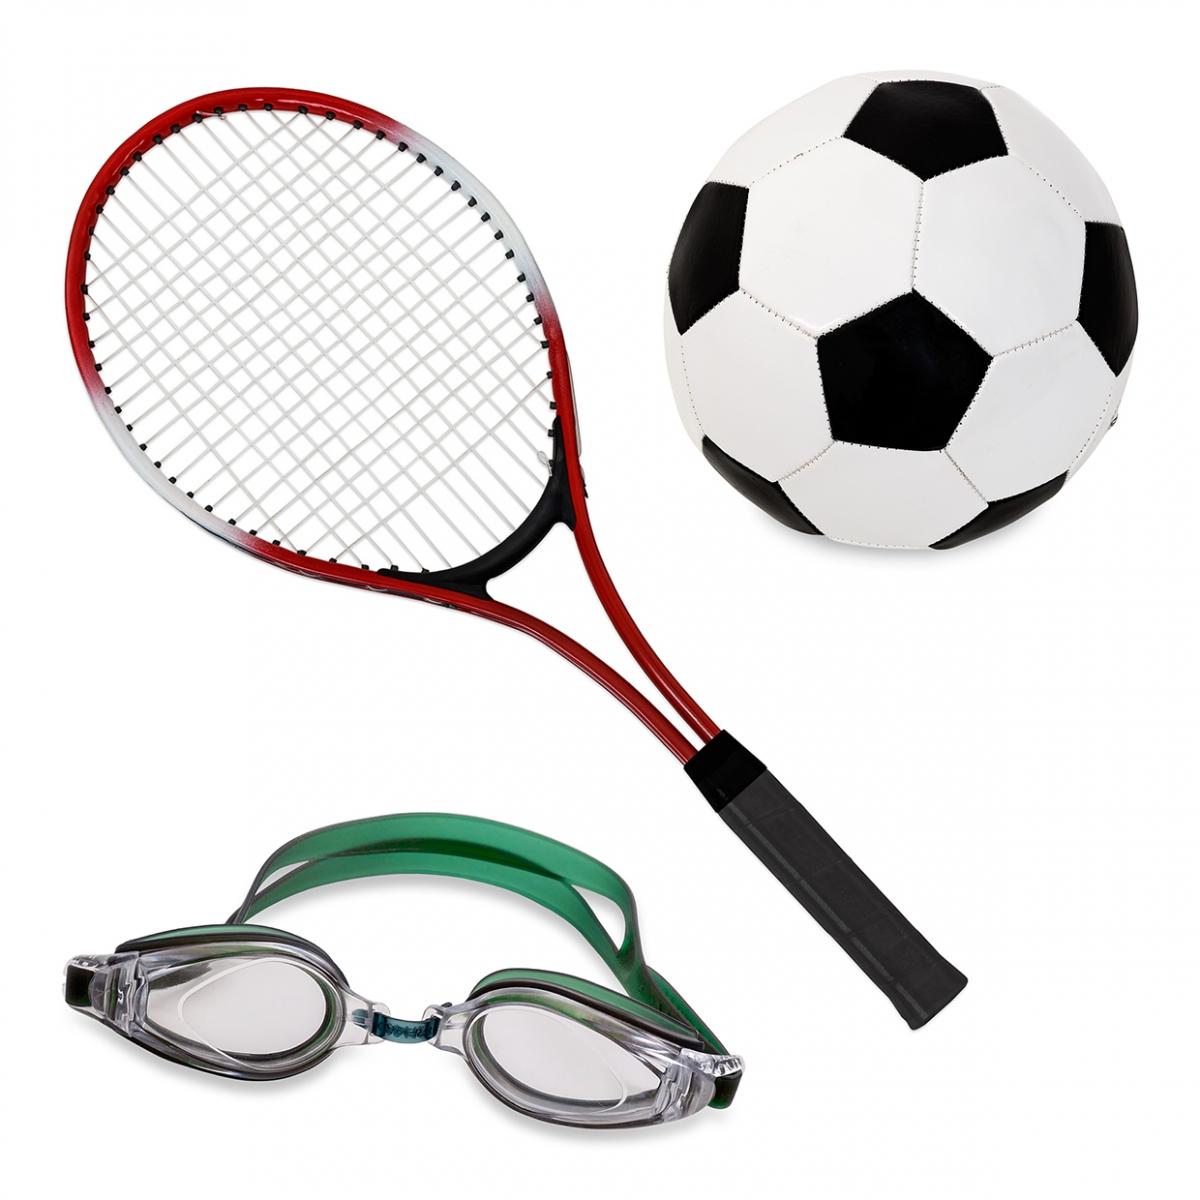 Imagen en la que aparece el concepto genérico de deporte